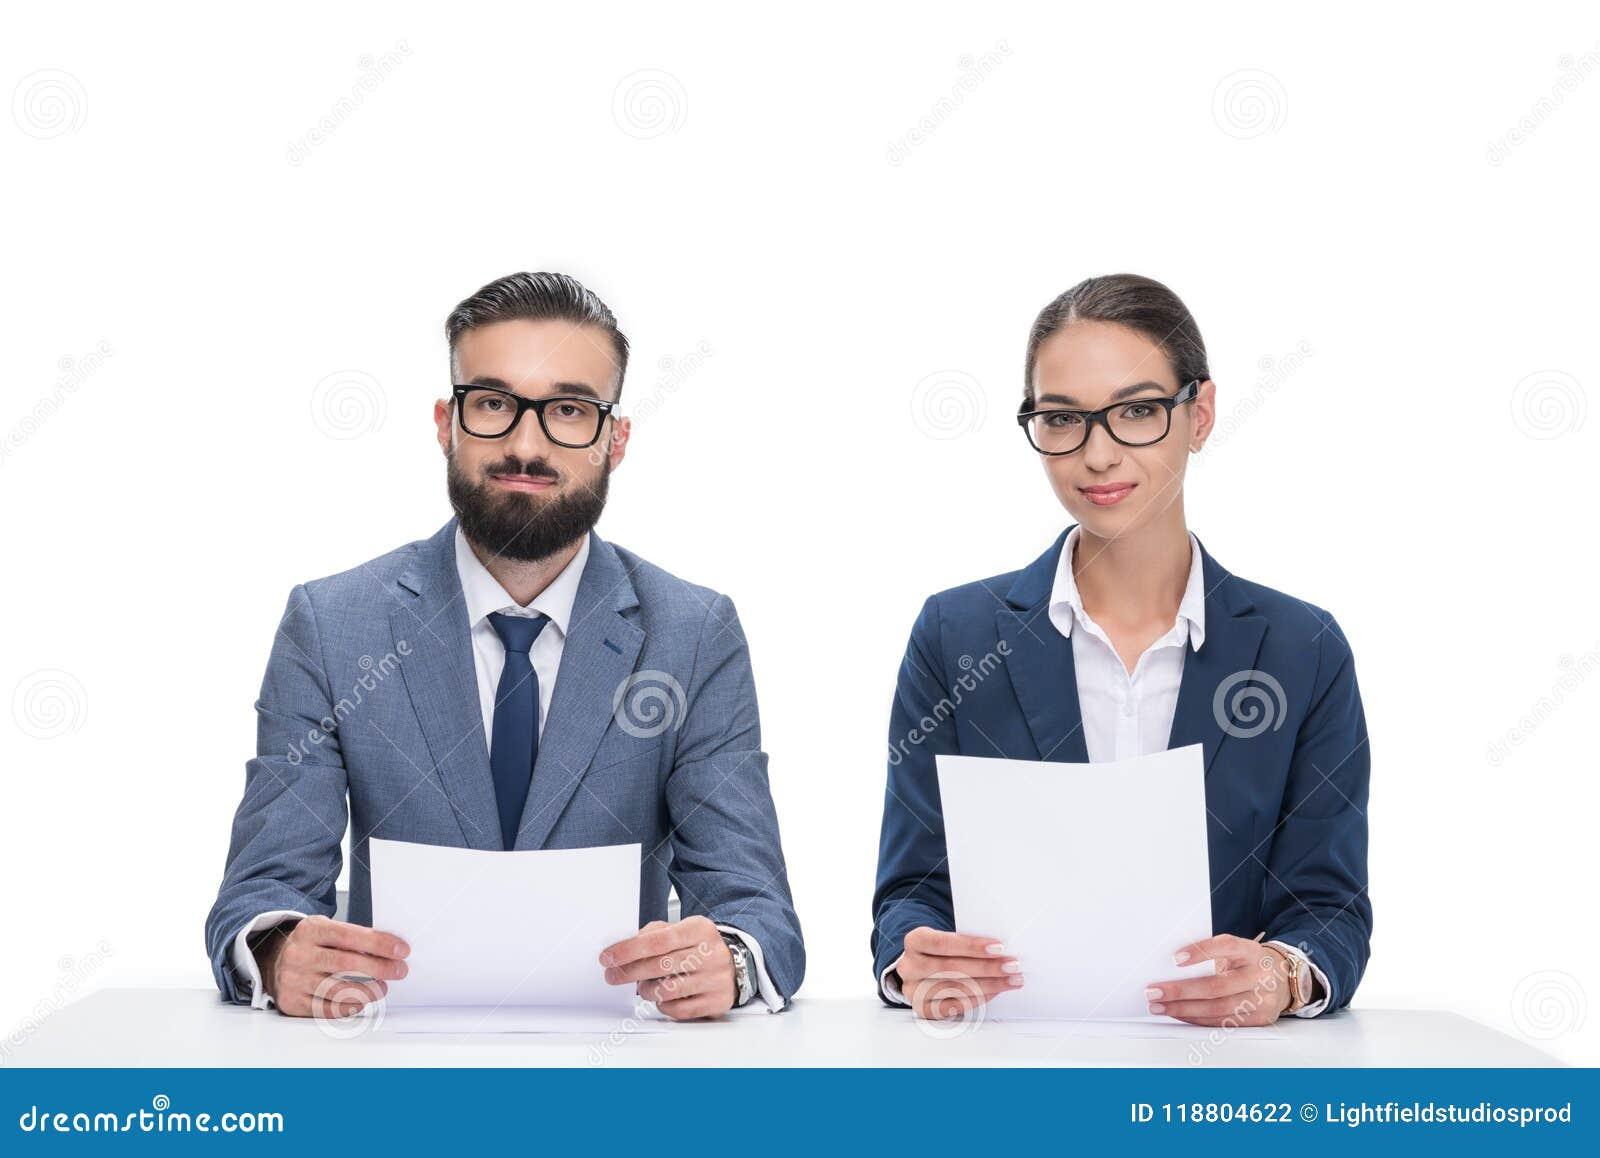 有坐在桌上和看照相机的纸的两个新闻广播员,